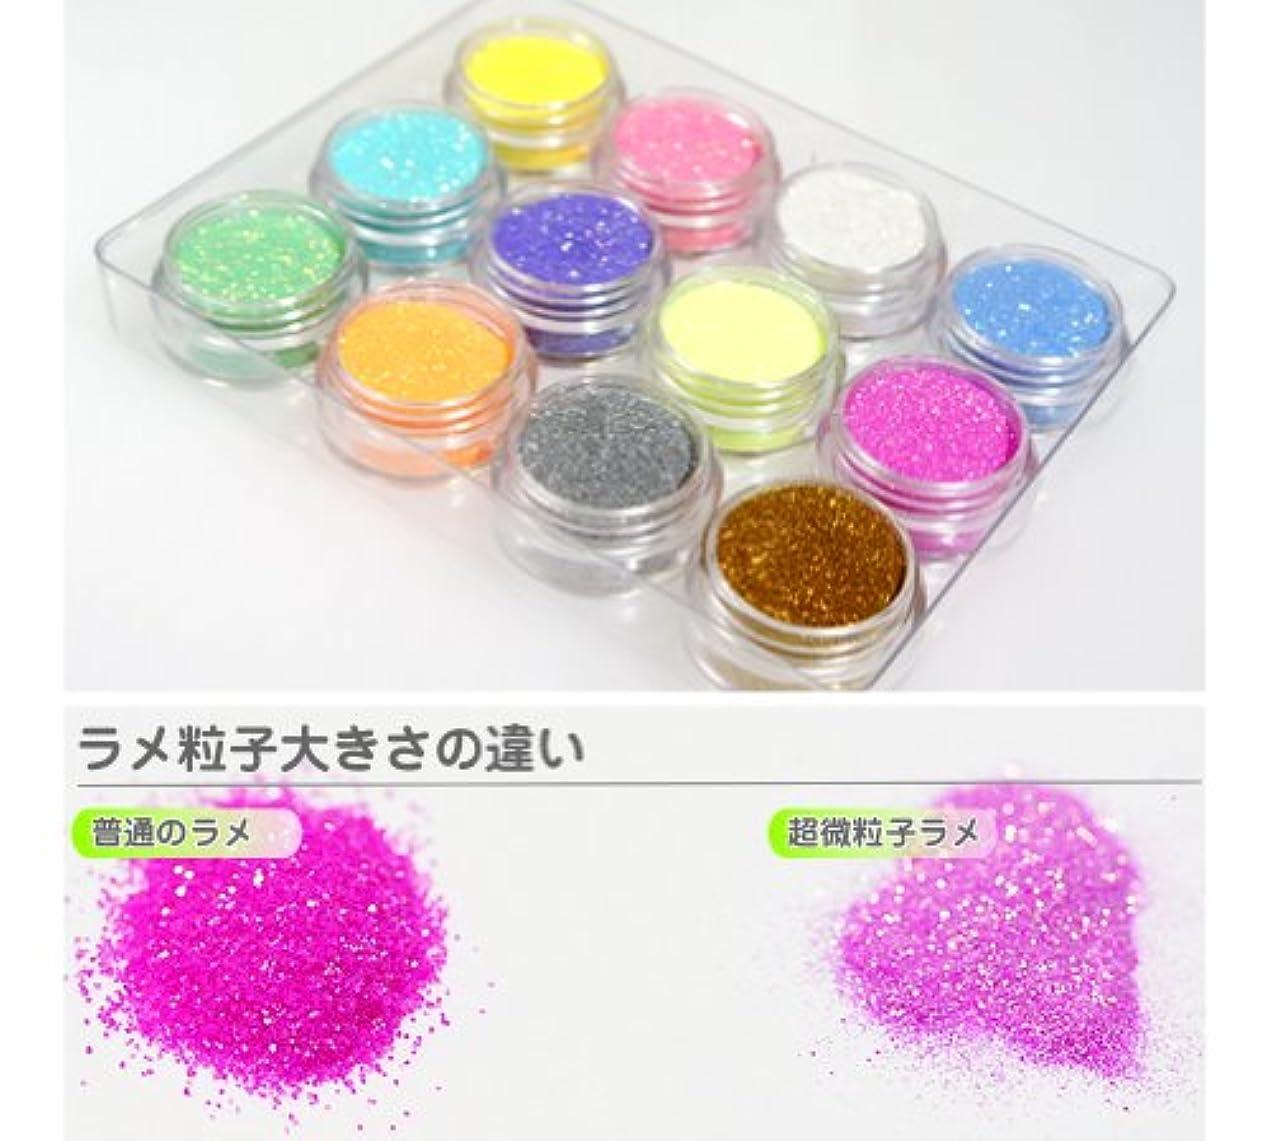 巻き戻す苦情文句宝石ネオコレクションオリジナル☆超微粒子ラメパウダー0.1mm、砂のようにサラサラで抜群の発色 ジェルネイルアートに!